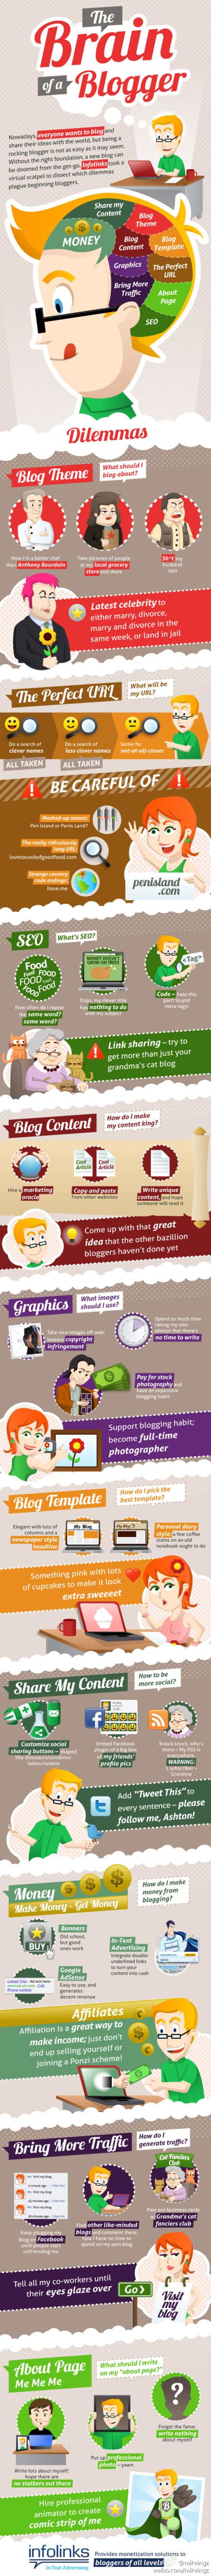 Probleme blogueur